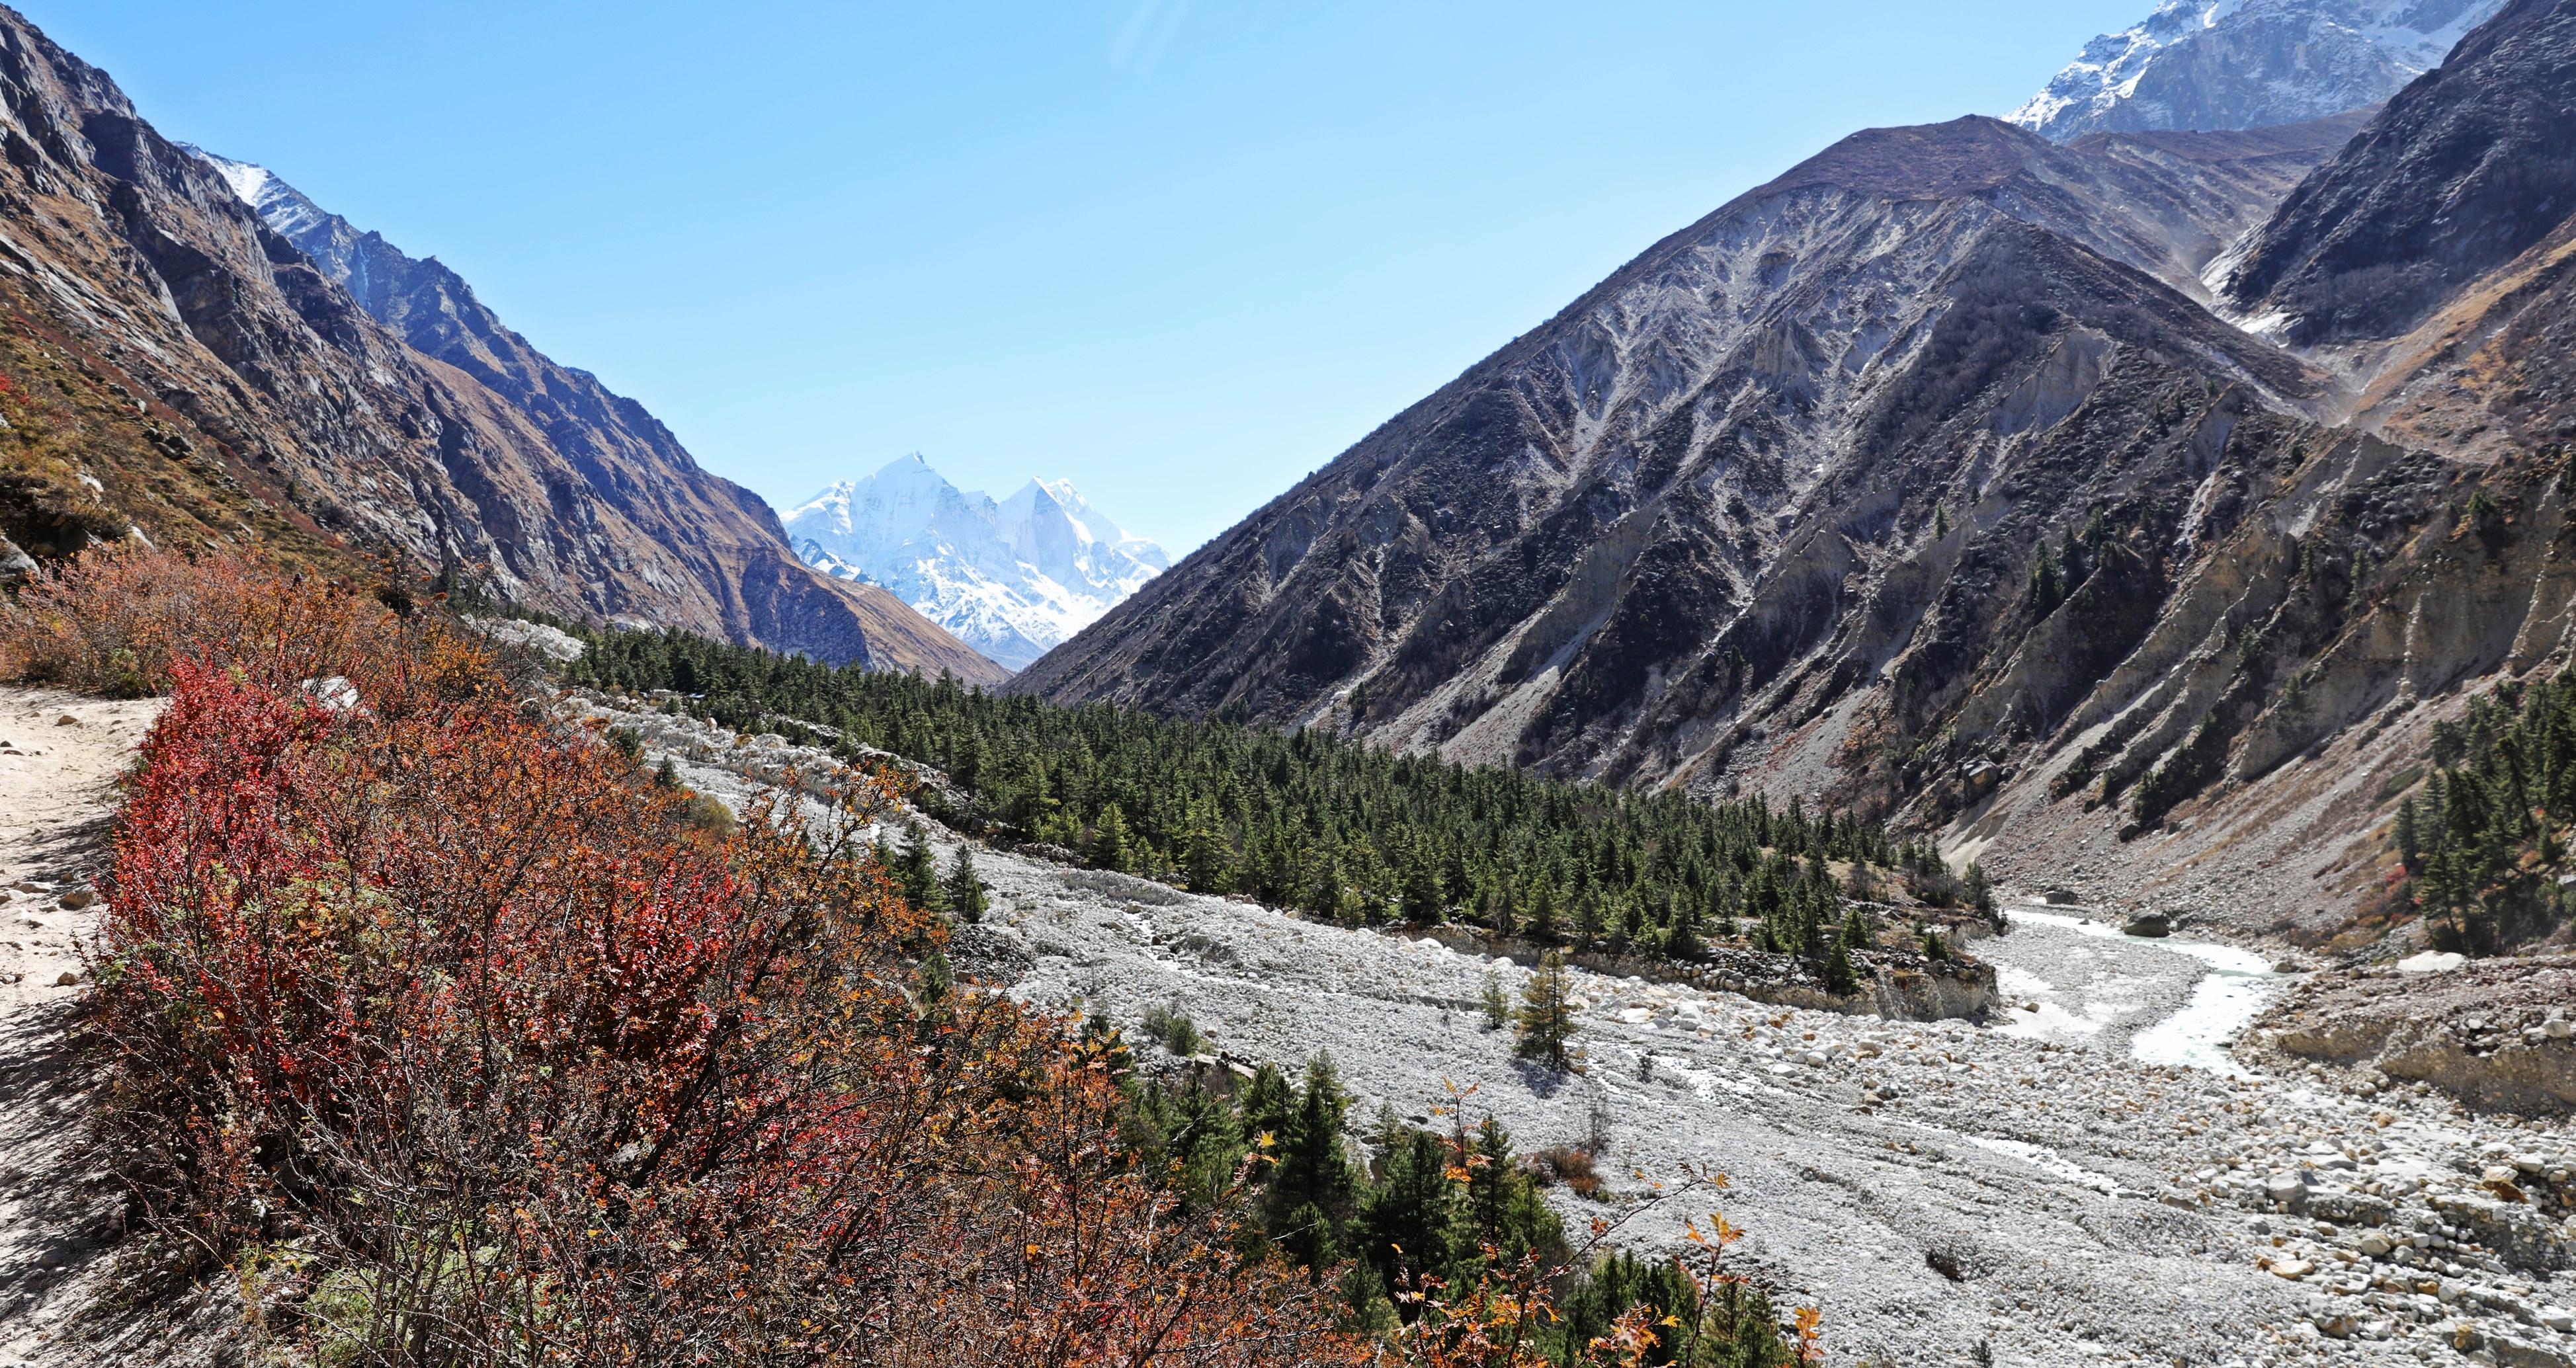 Mt. Bhagirathi